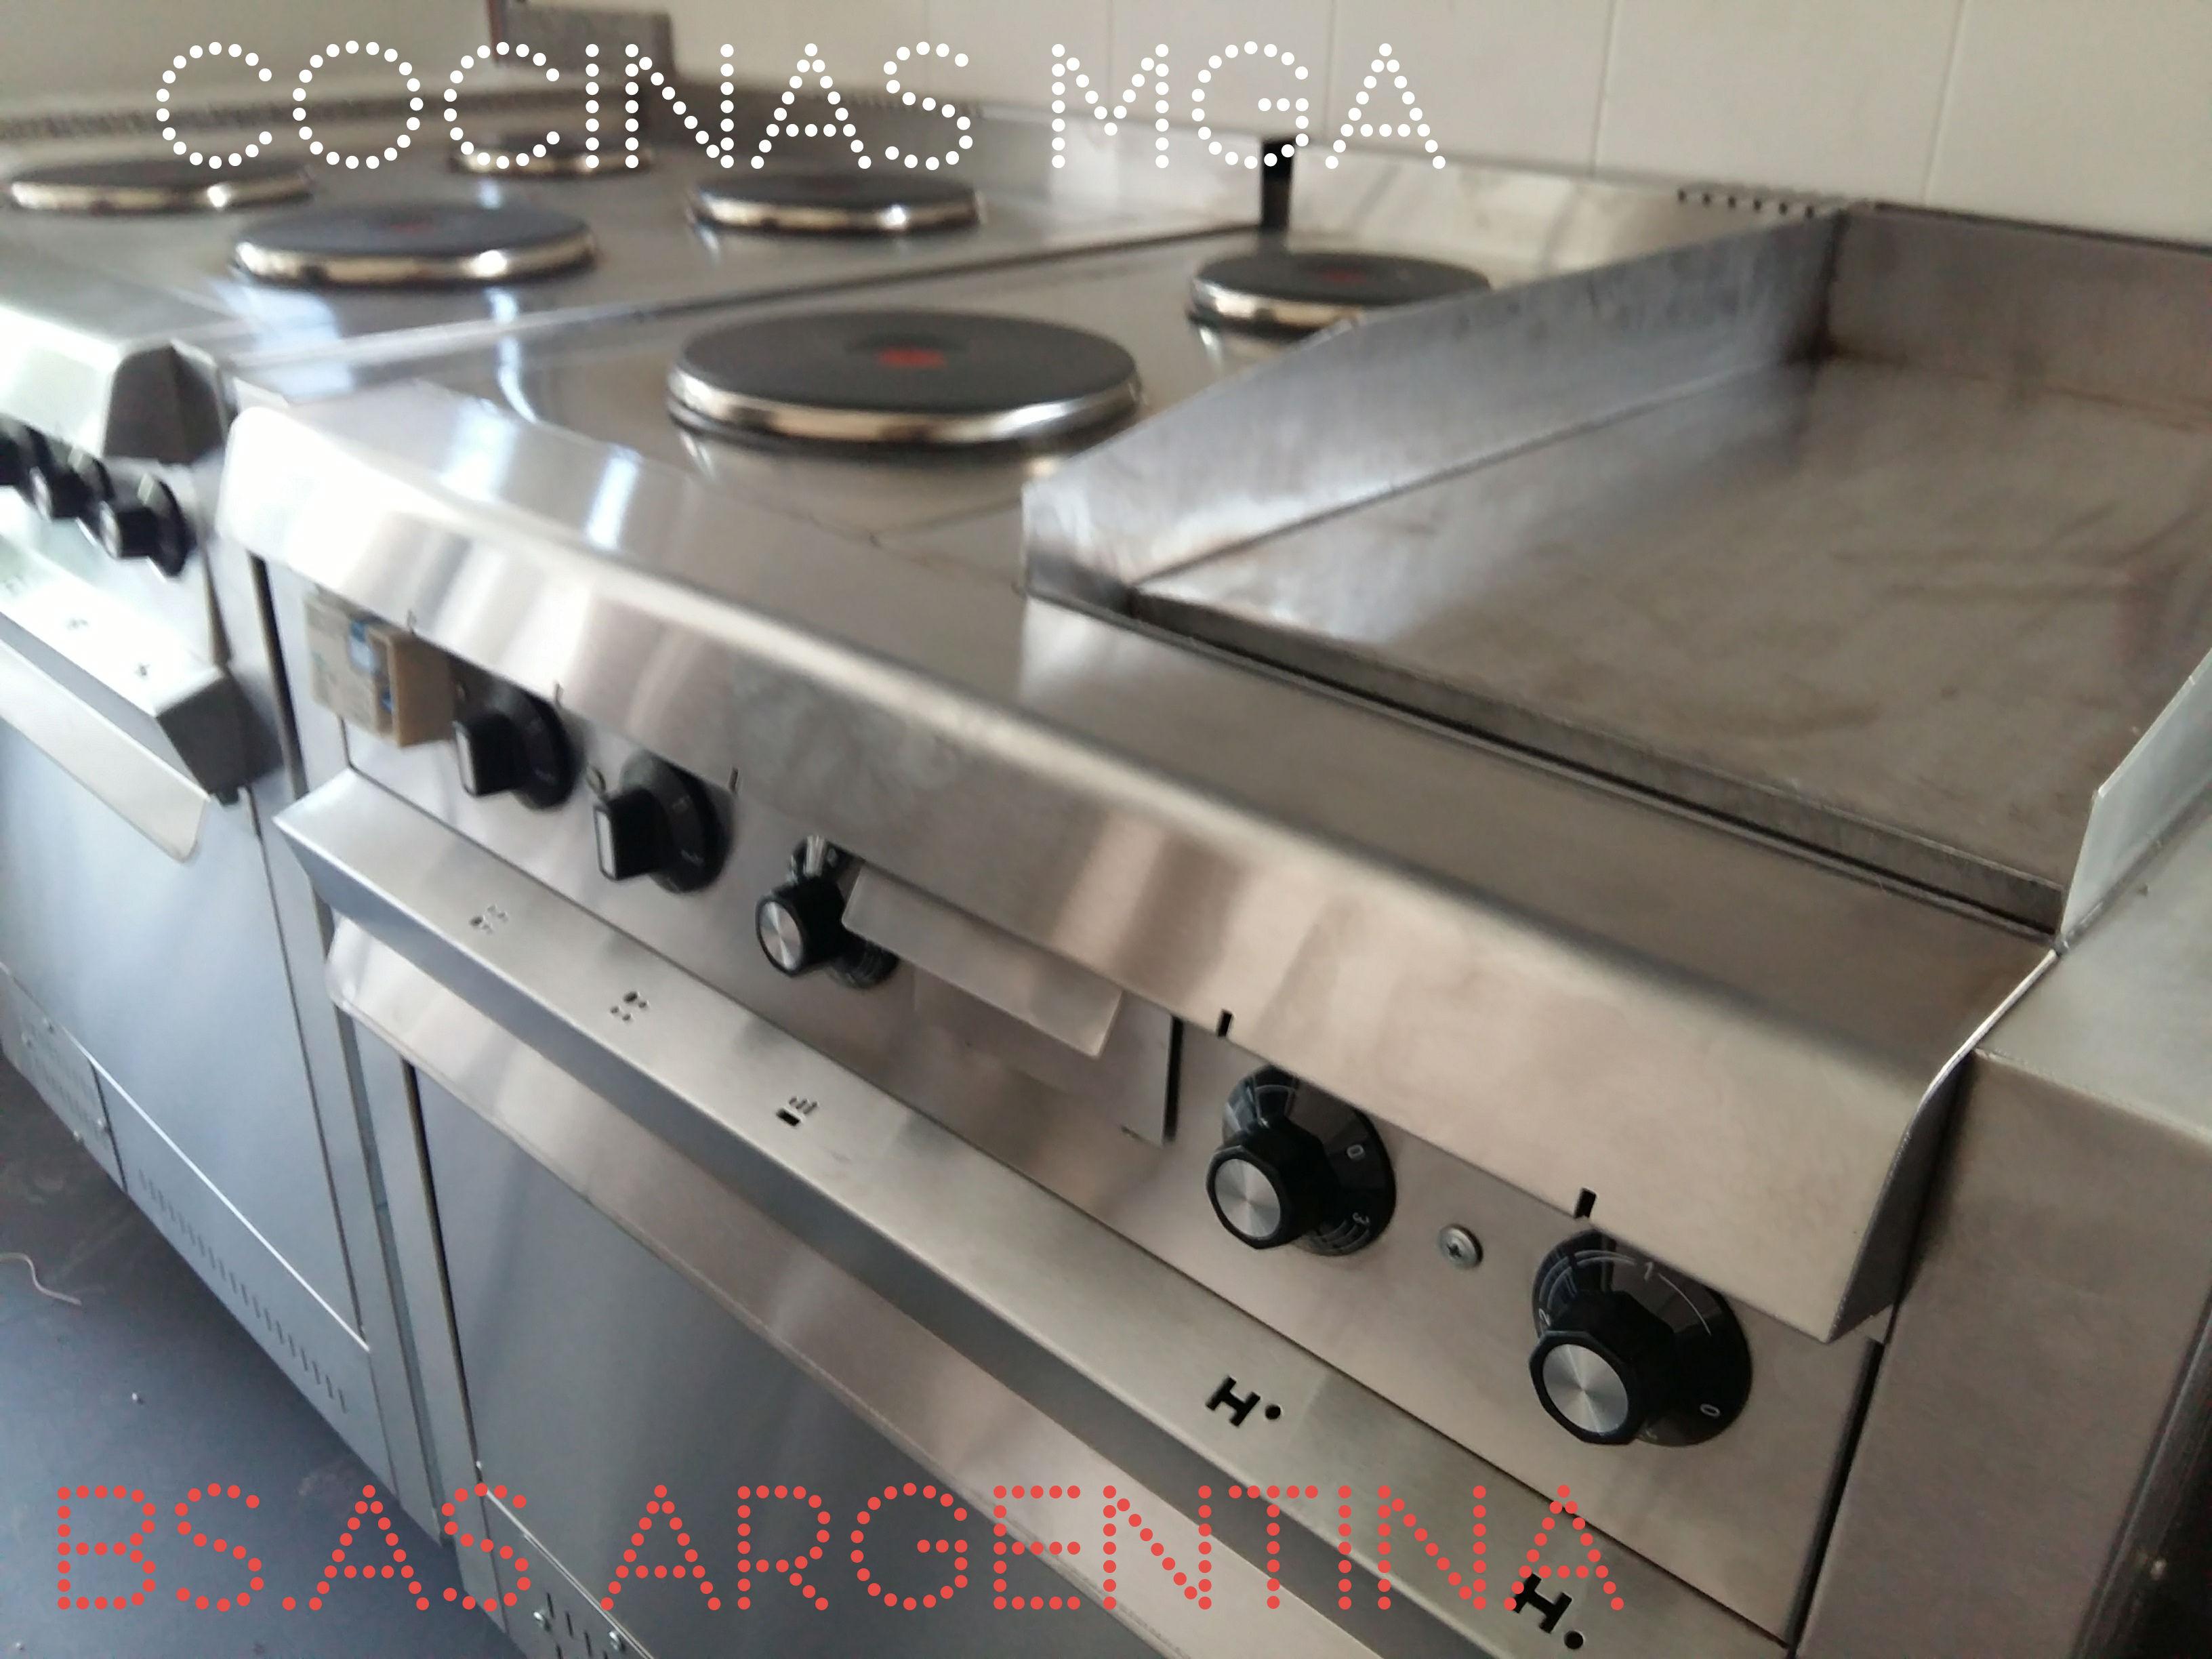 Cocina industrial eléctrica nacional fábricainoxidable.com.ar - Equipos para cocina eléctricos